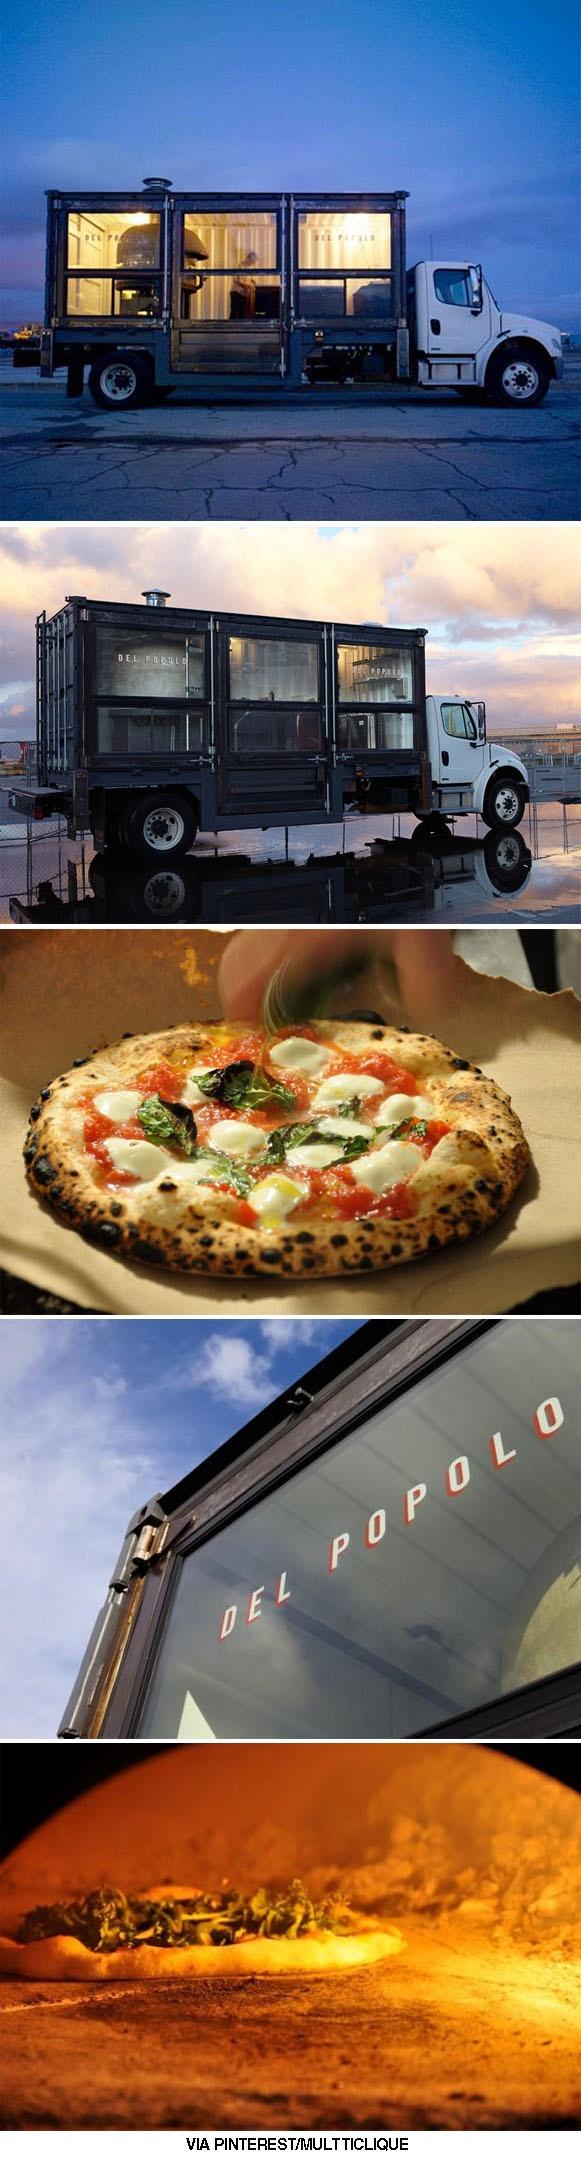 Del Popolo Pizza Food Truck